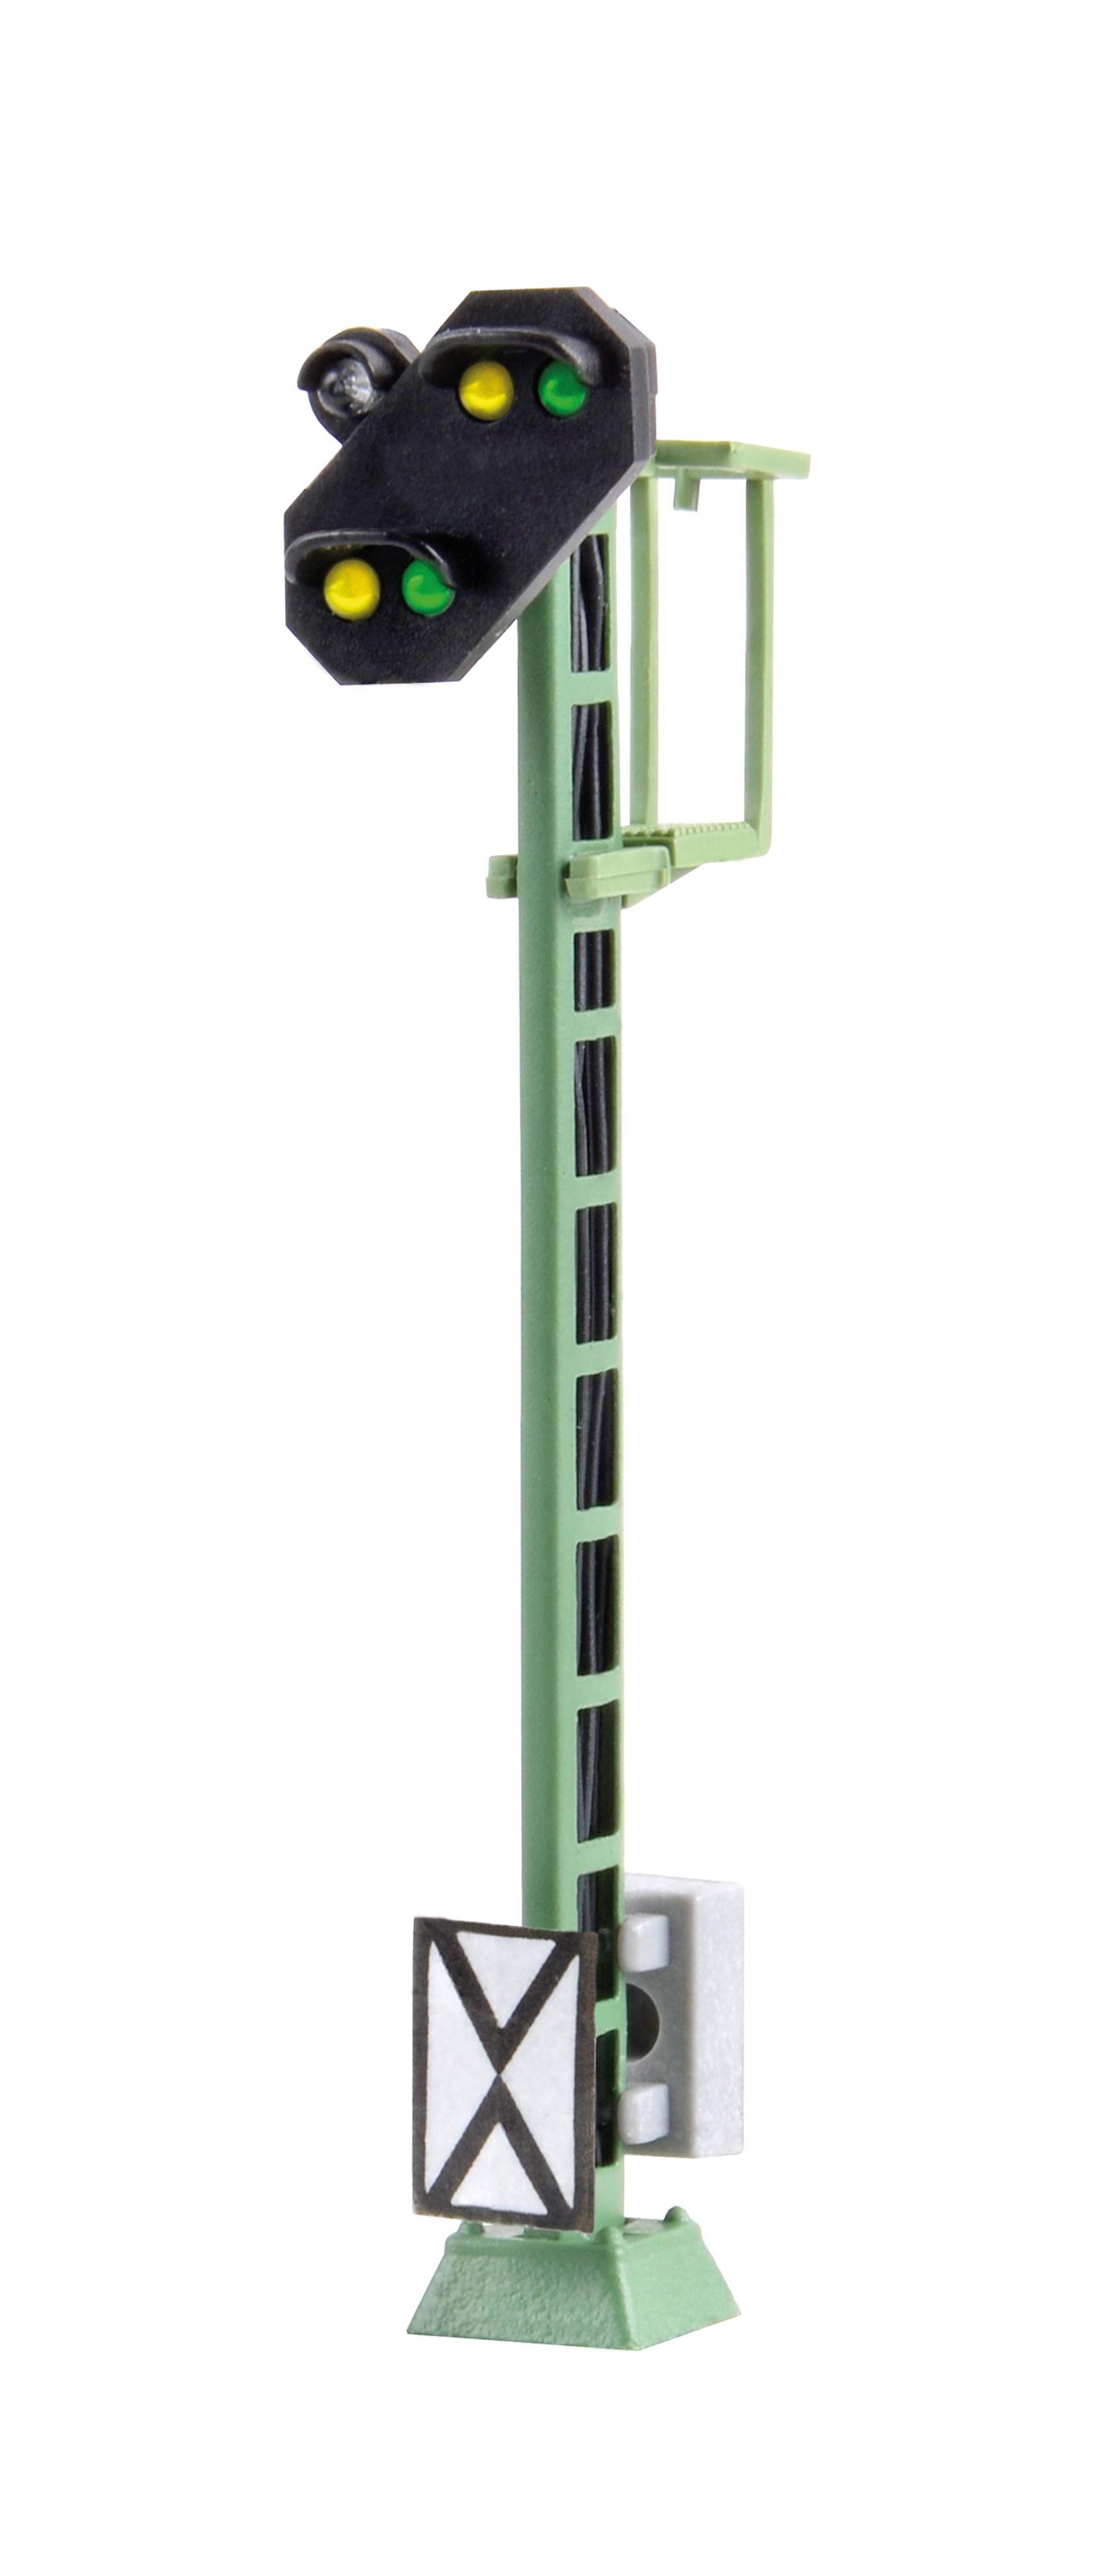 Viessmann 4030 <br/>Licht-Vorsignal mit Kennlicht